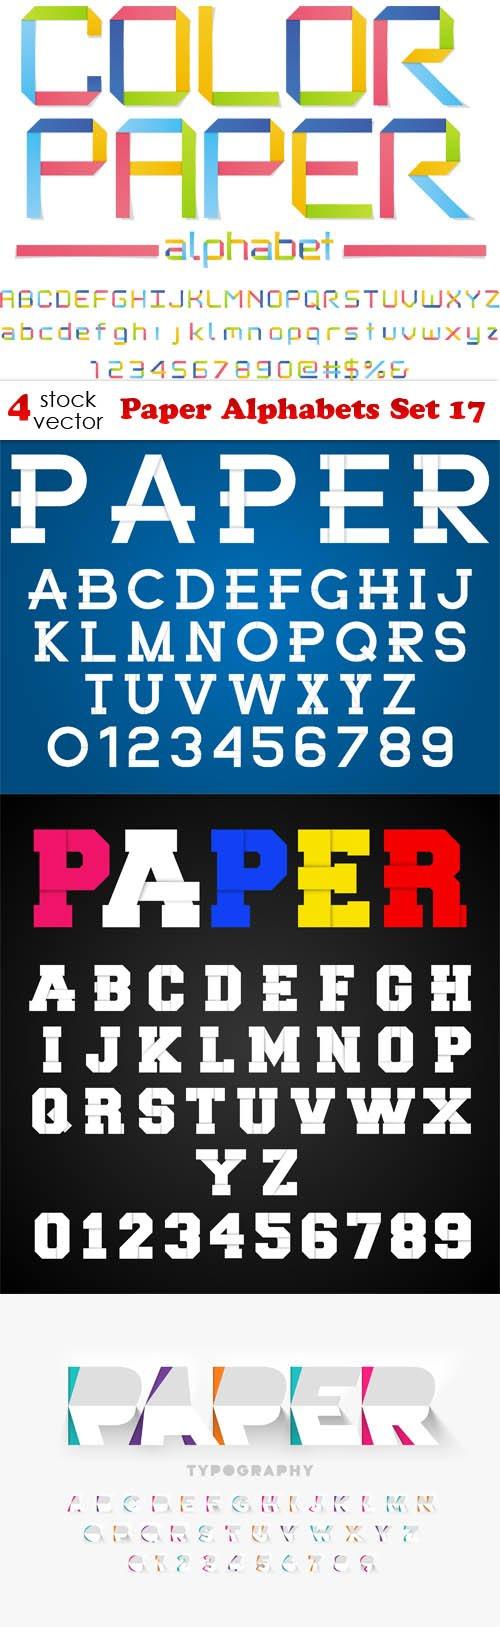 Vectors - Paper Alphabets Set 17